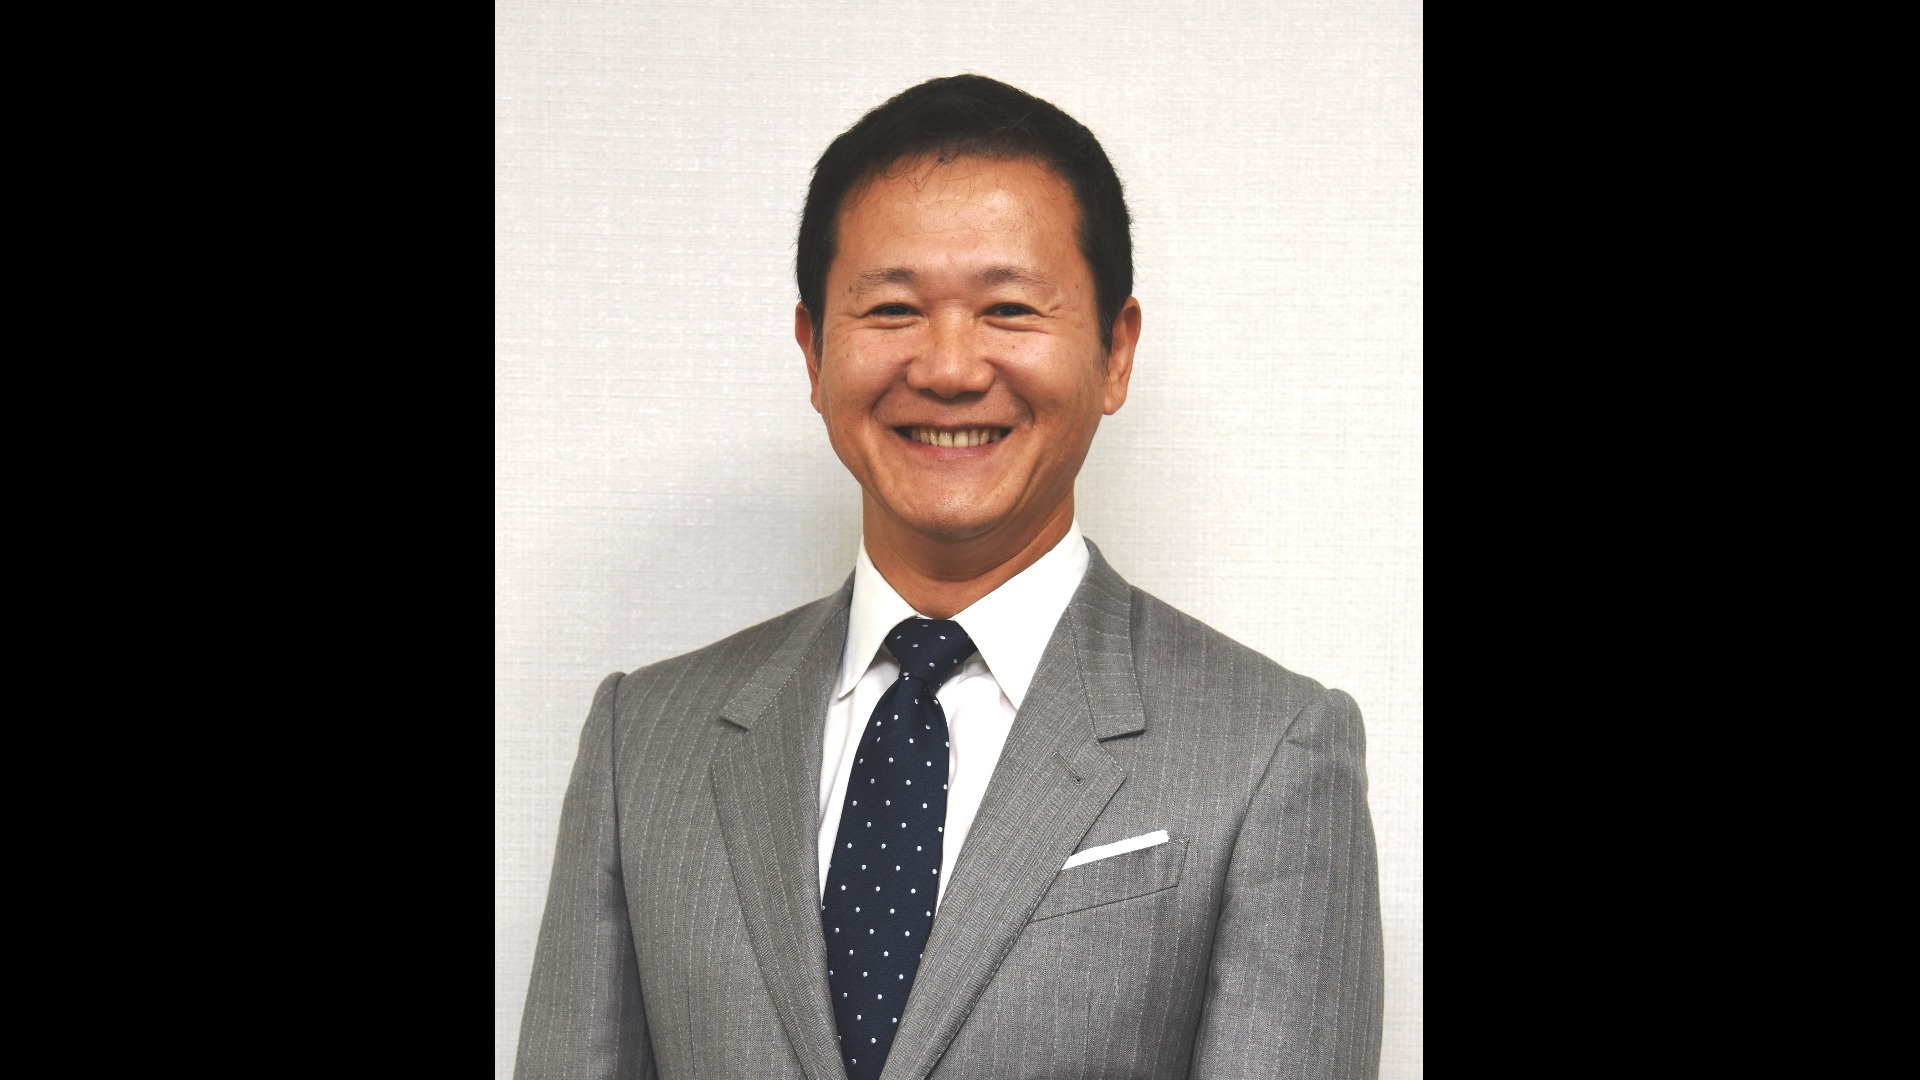 株式会社マーケティング・トルネード 代表取締役 佐藤昌弘